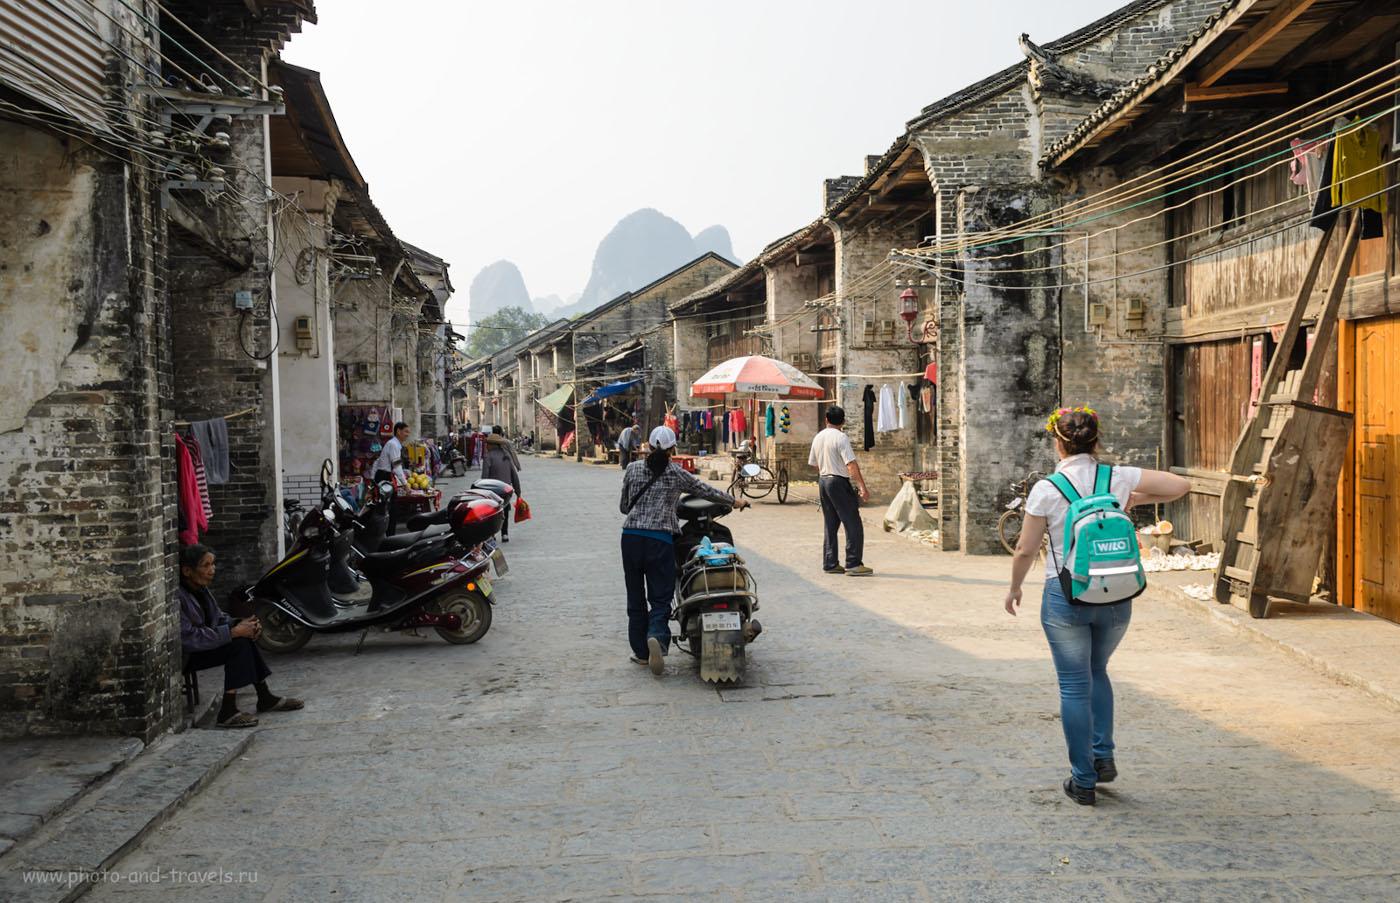 Фото 5. Китай. Поездка из деревни Яншо (Yangshuo) в Xingping. Старинная улица в Синпине. 1/200, 7.1, 100, 18.